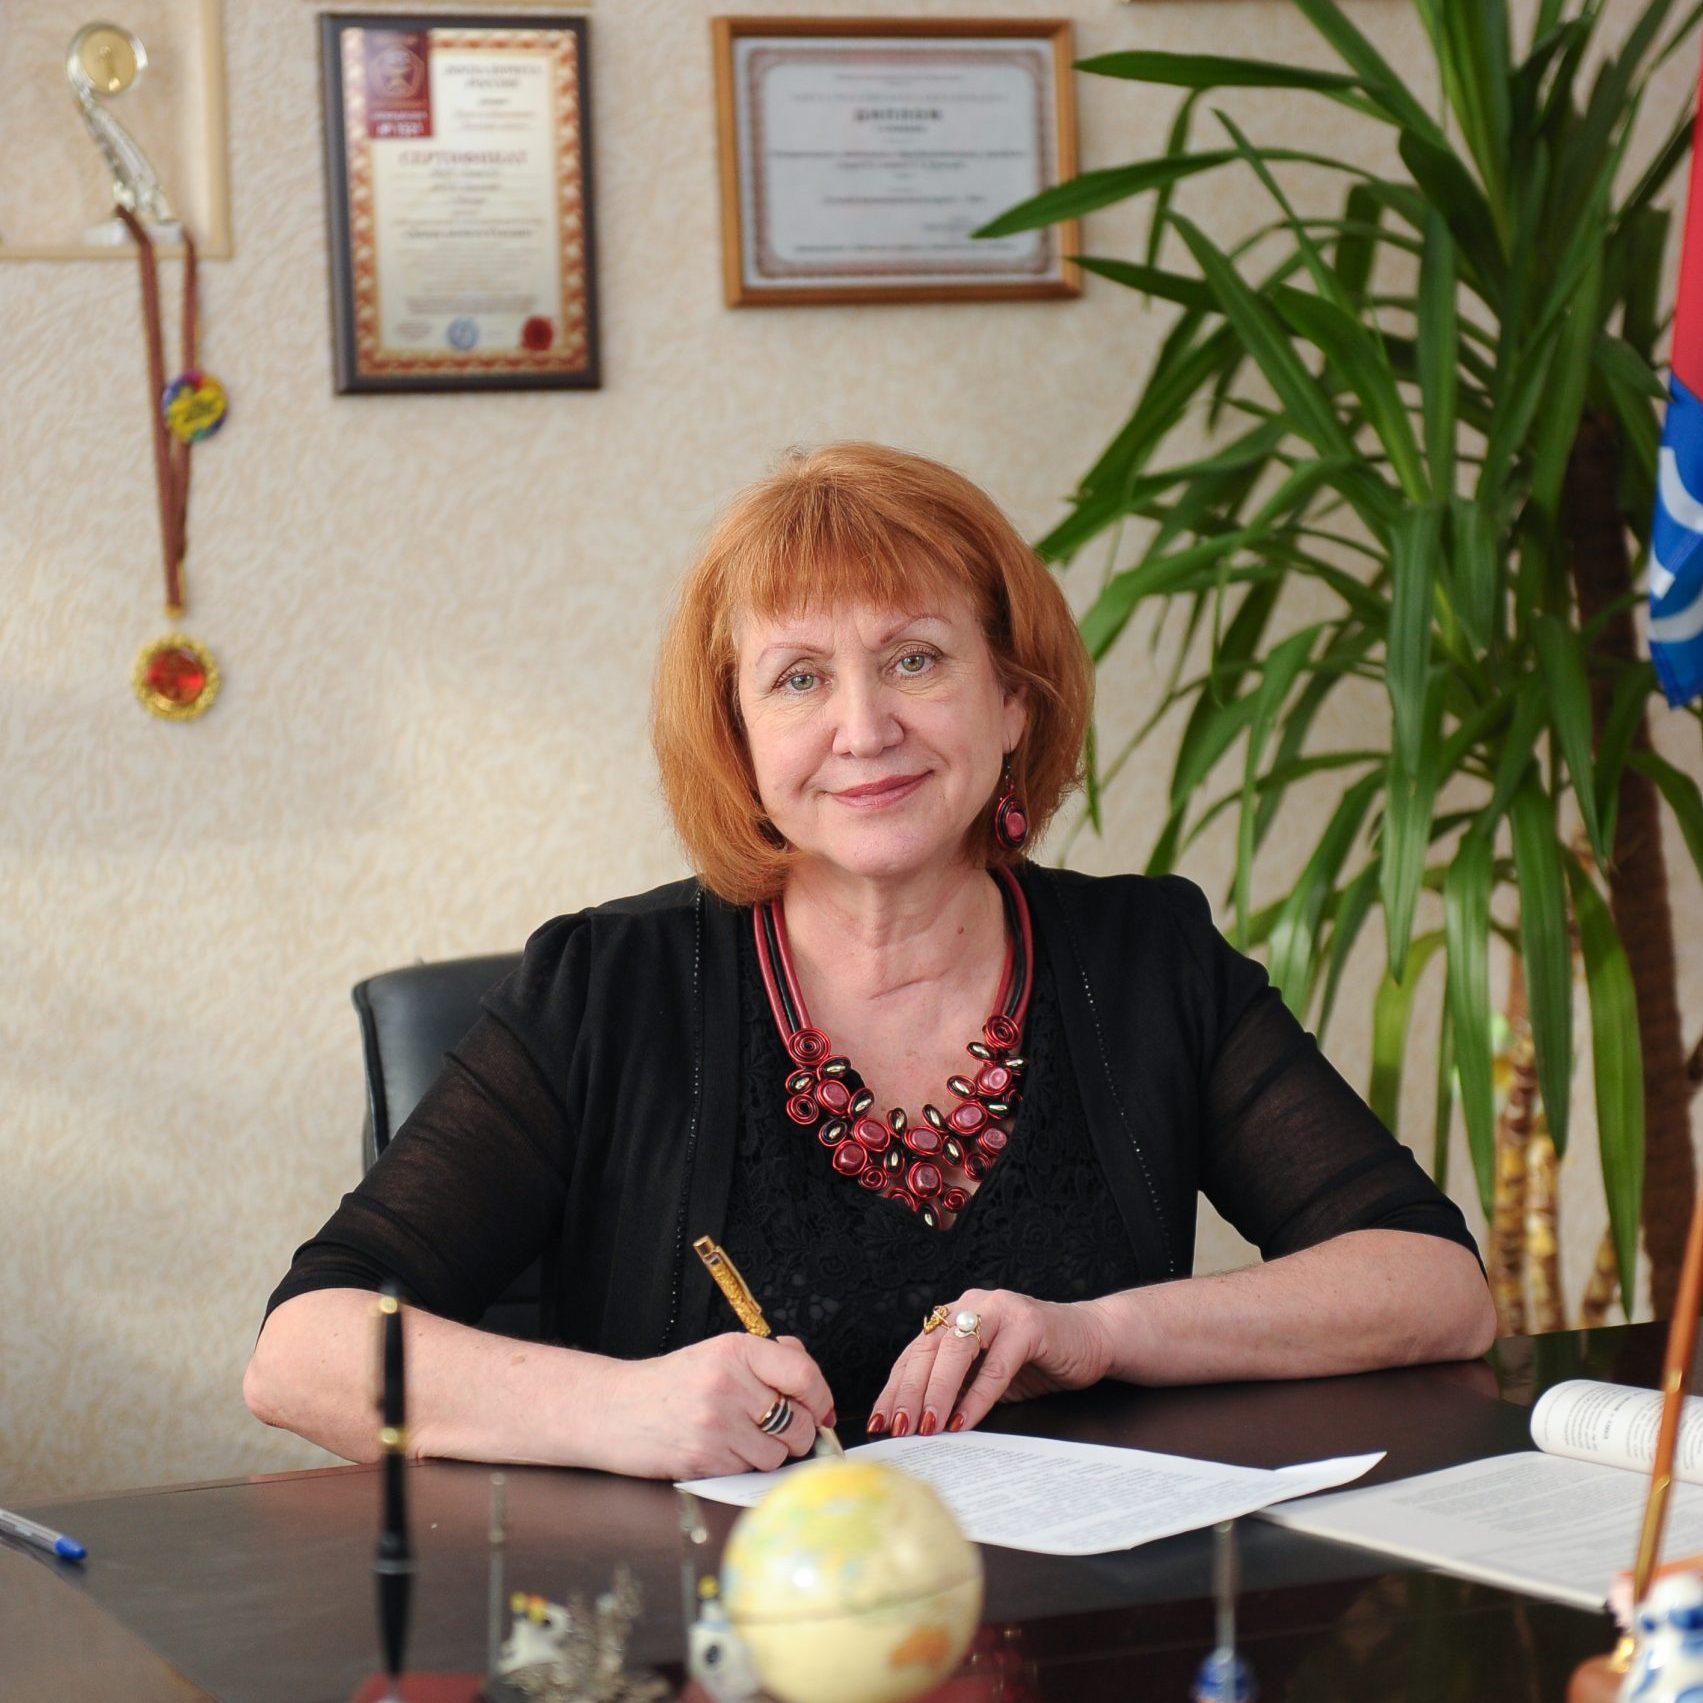 Гришенко фото для прощального письма